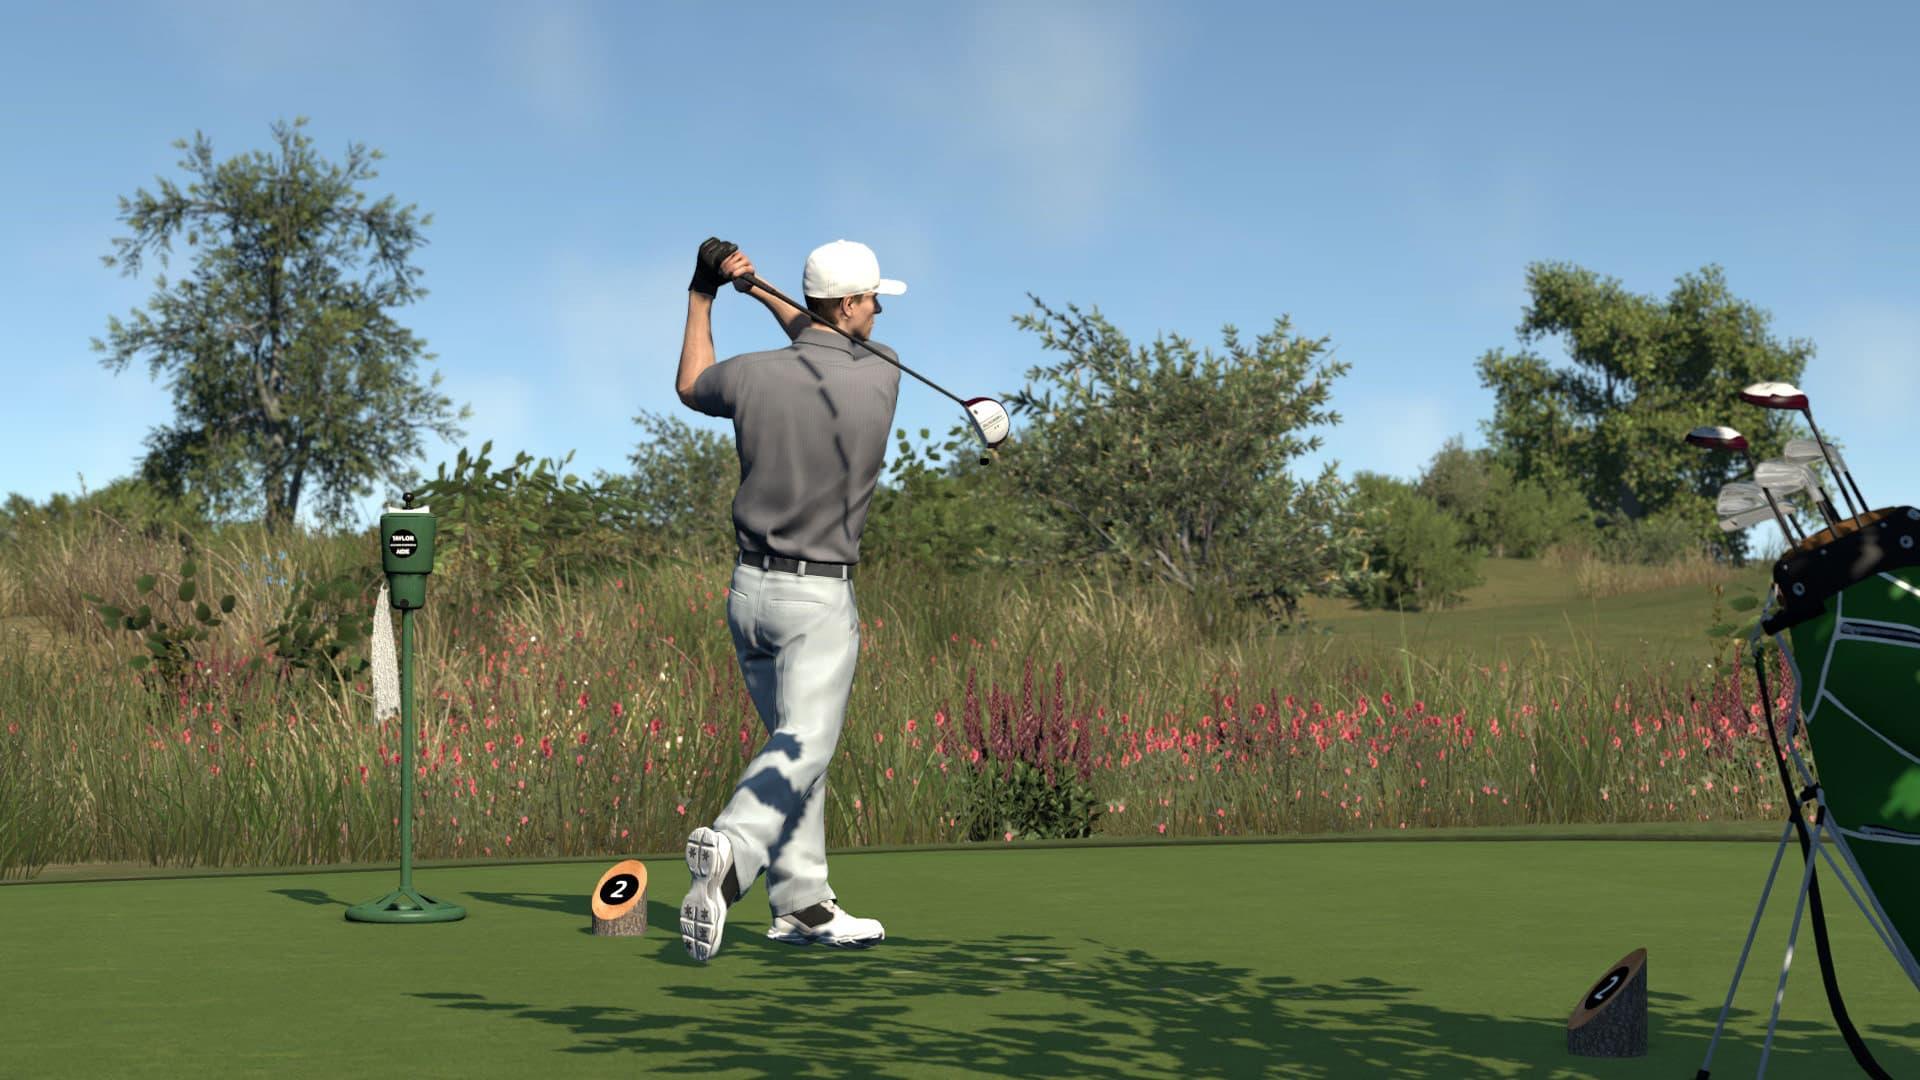 The Golf Club 2 Xbox